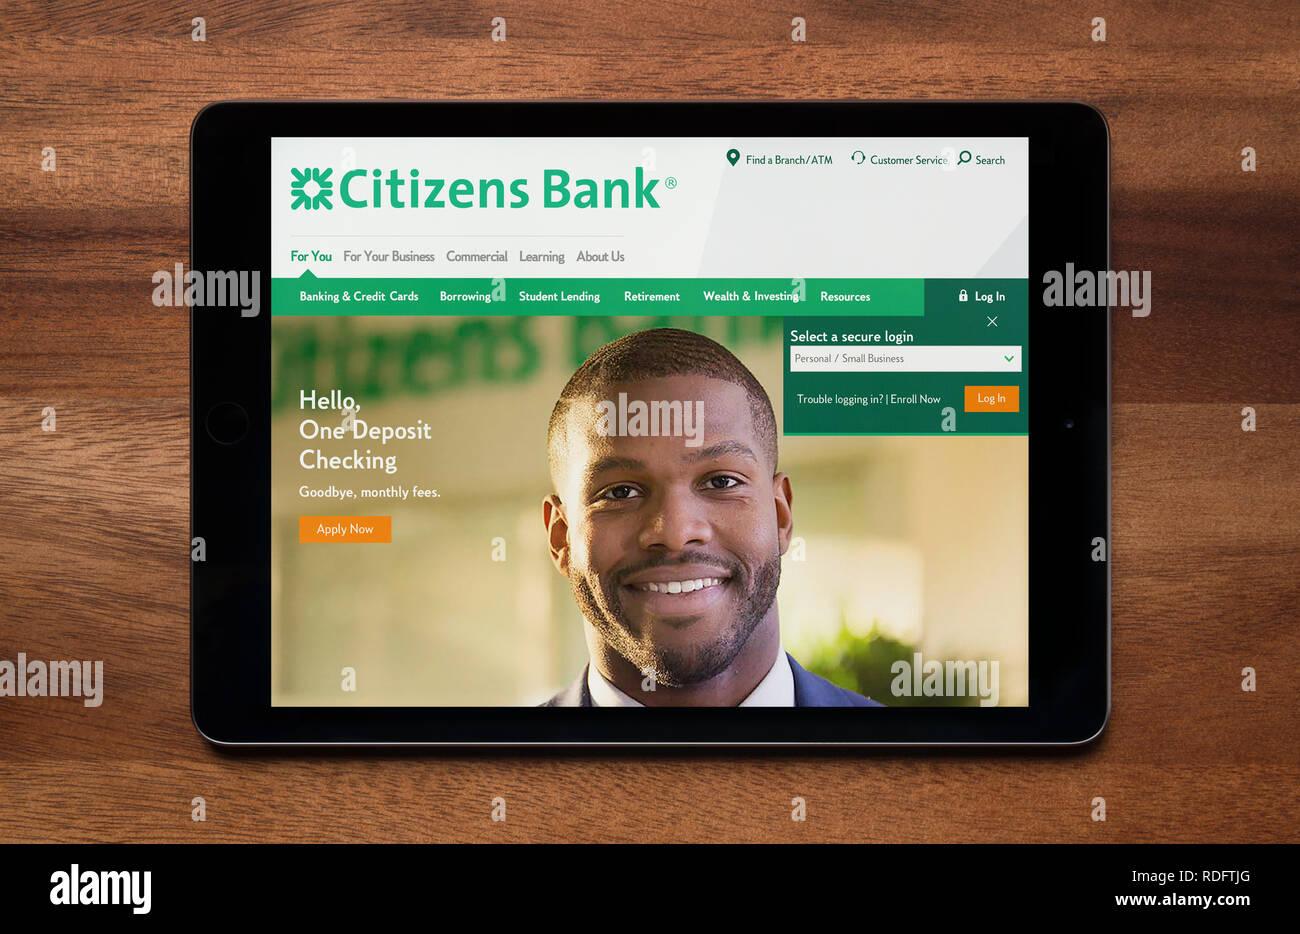 Il sito web della banca di cittadini è visto su un tablet iPad, il quale è appoggiato su un tavolo di legno (solo uso editoriale). Immagini Stock